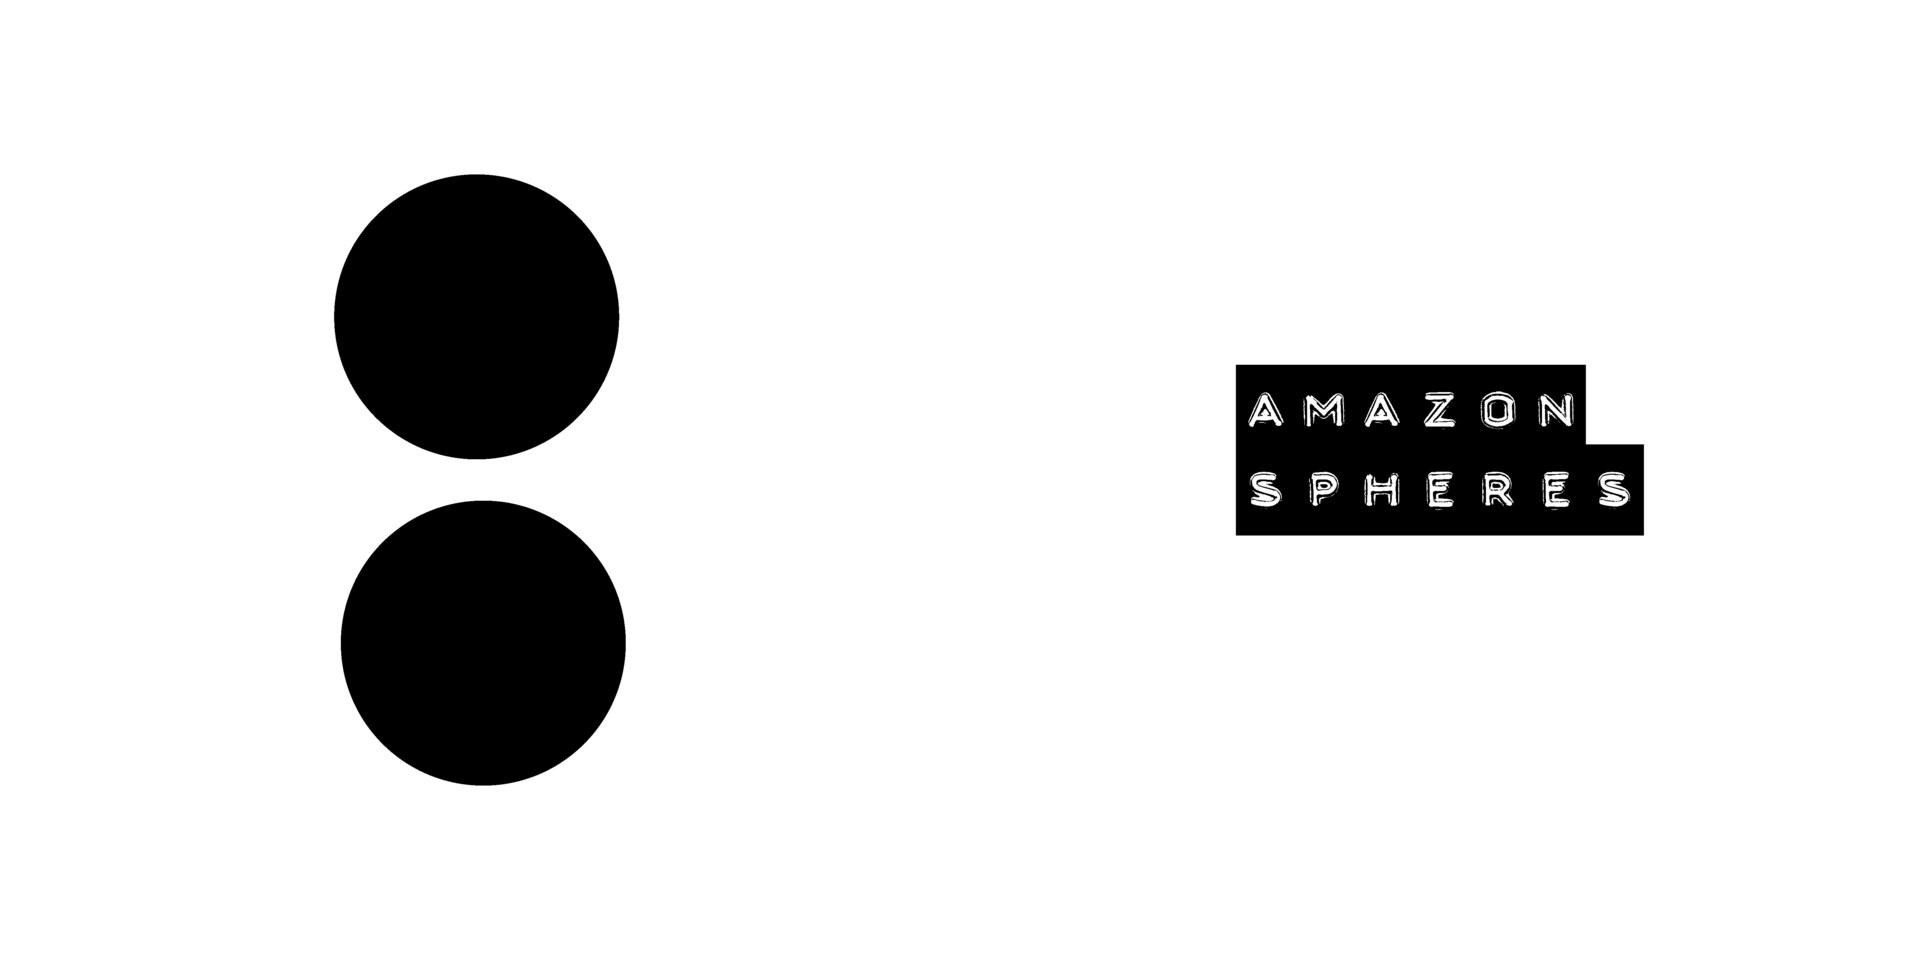 Amazon Spheres is a BABO